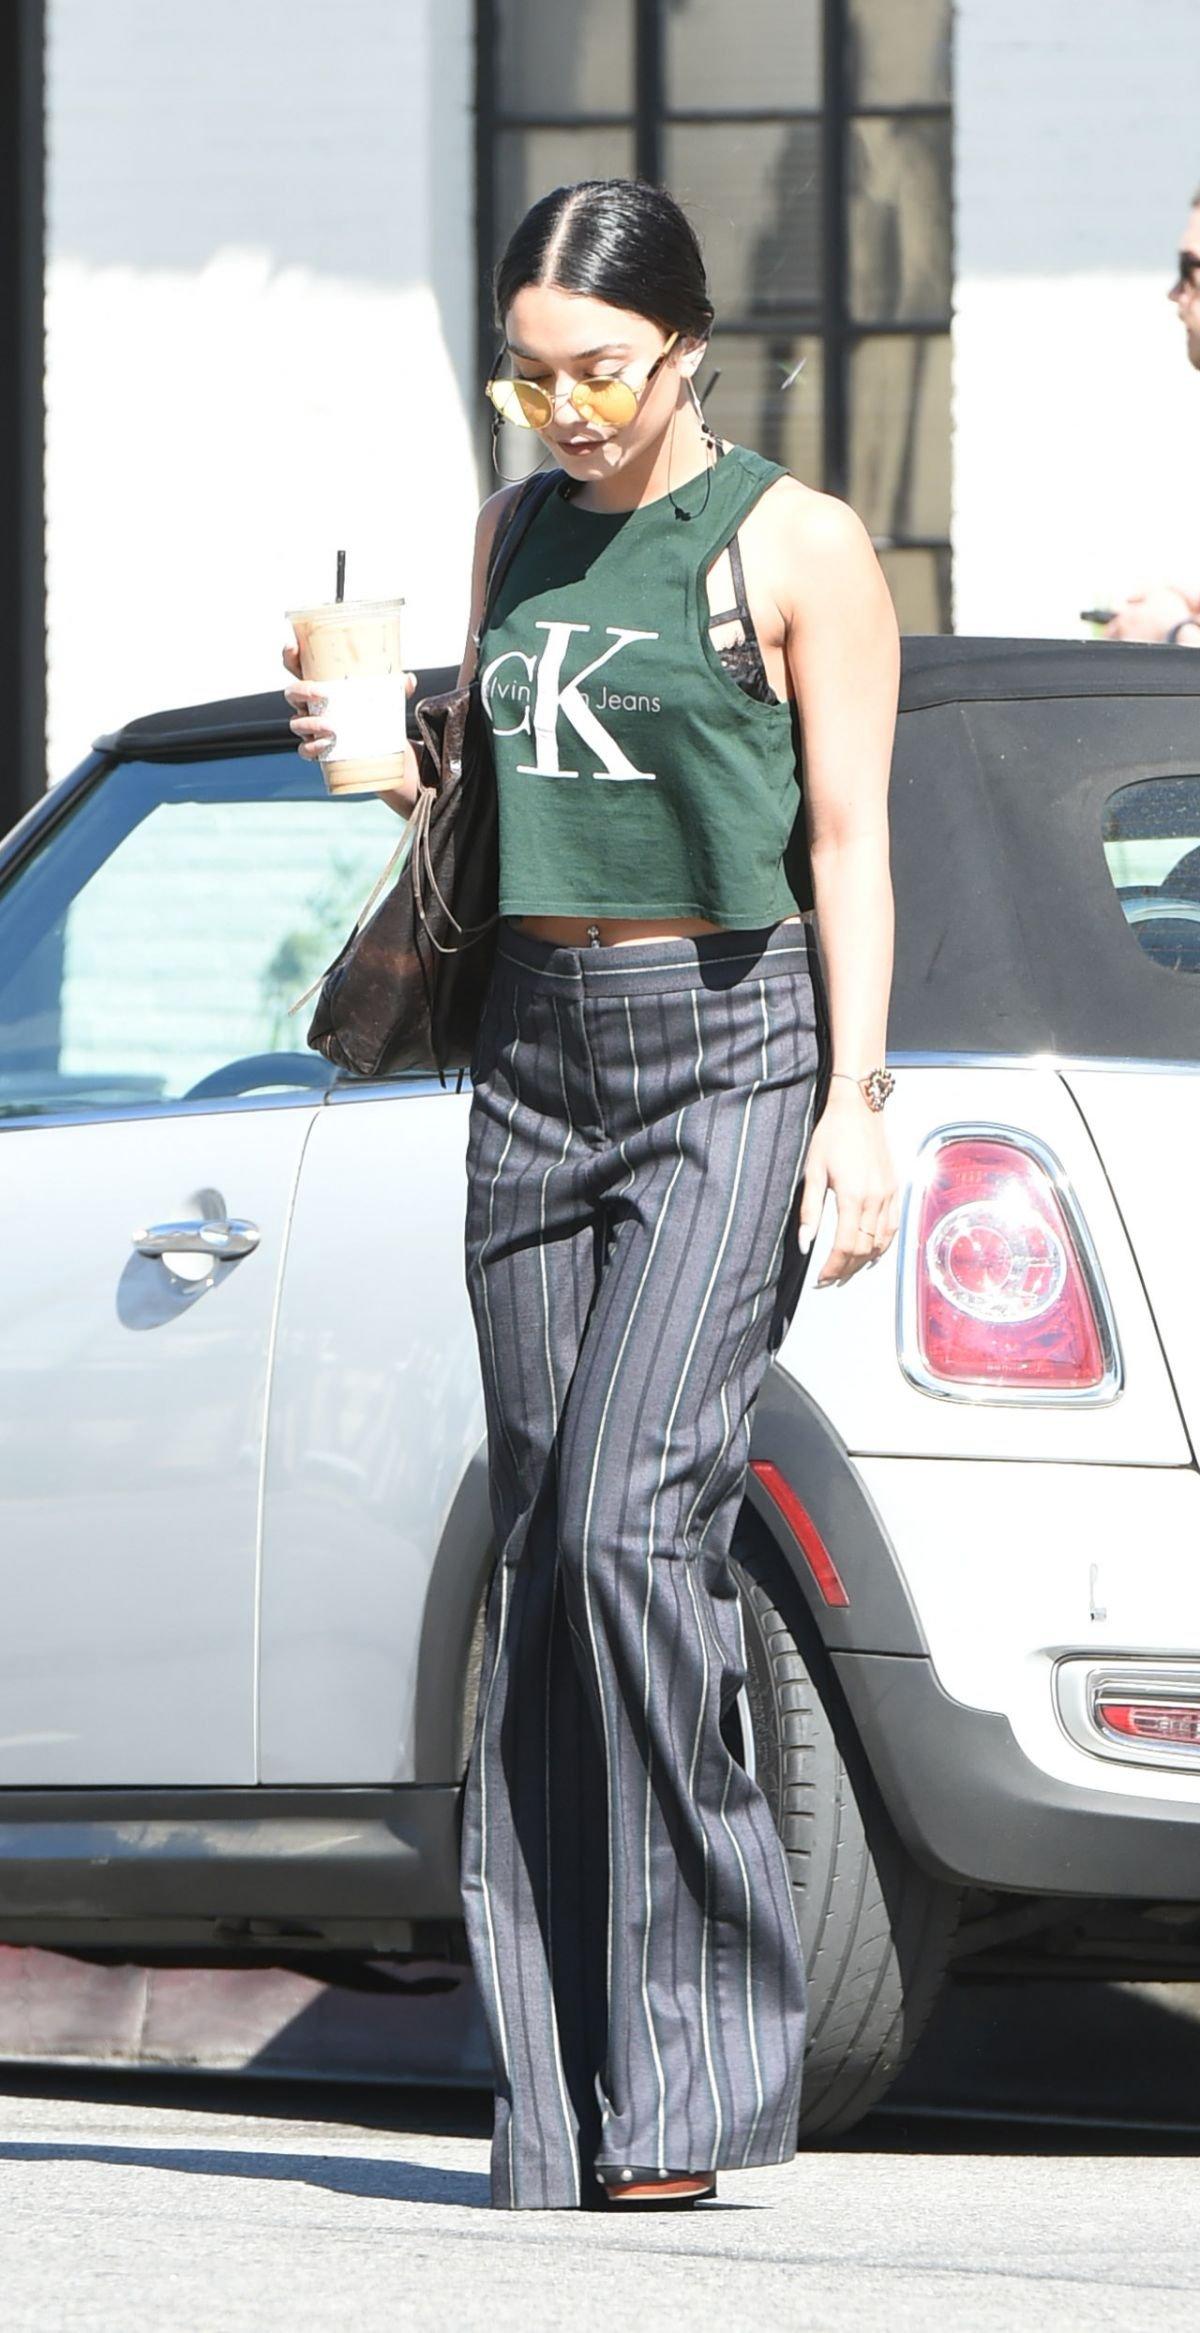 Ванесса Хадженс попыталась смешать стили, надев майку и строгие штаны